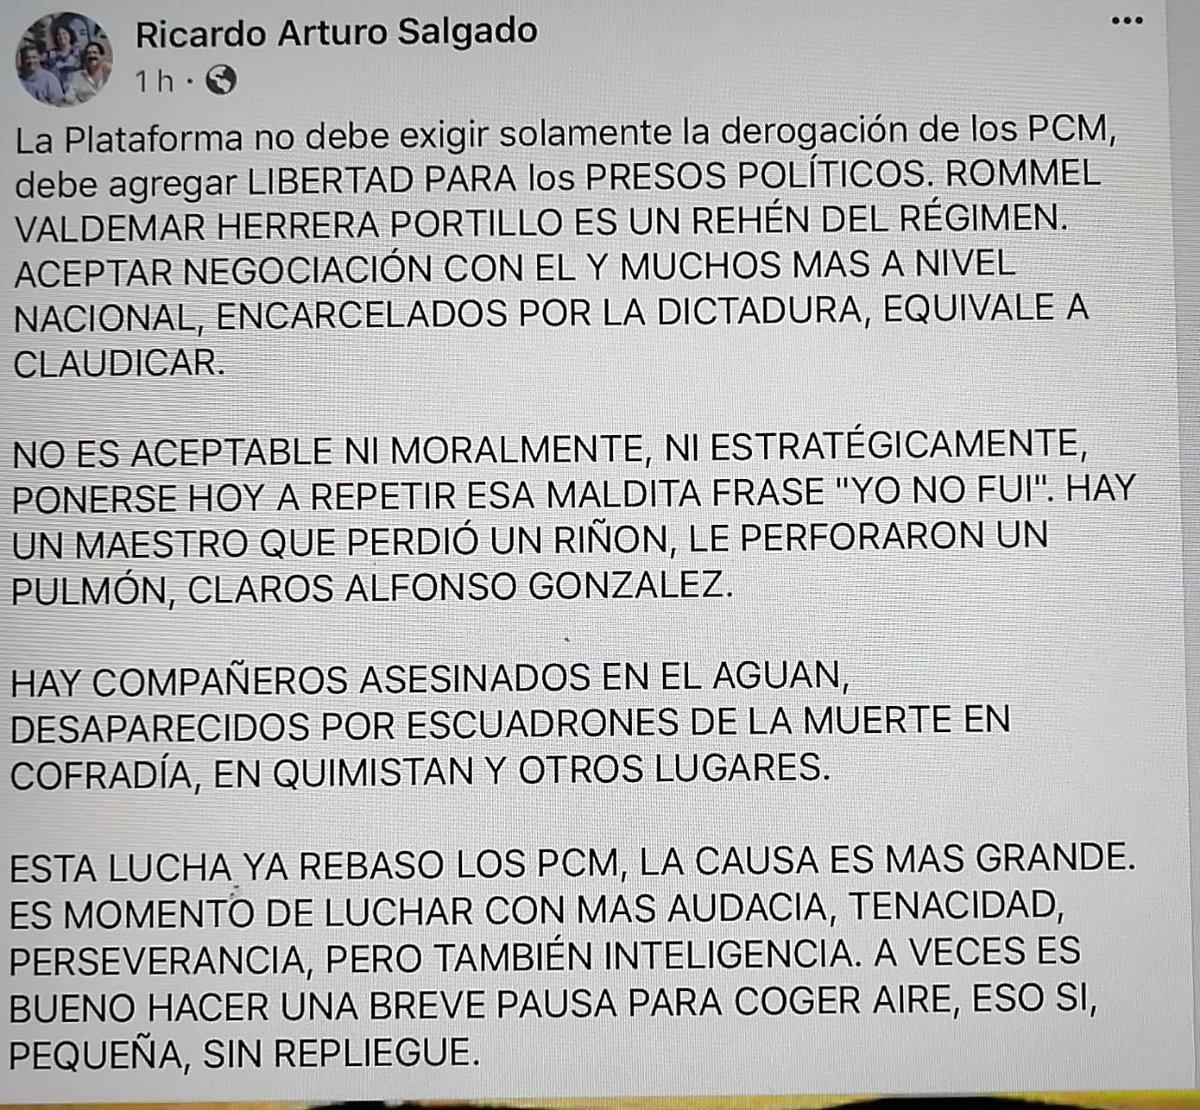 Ricardo Salgado On Twitter No Sé Si Se Ve Bien A Quienes